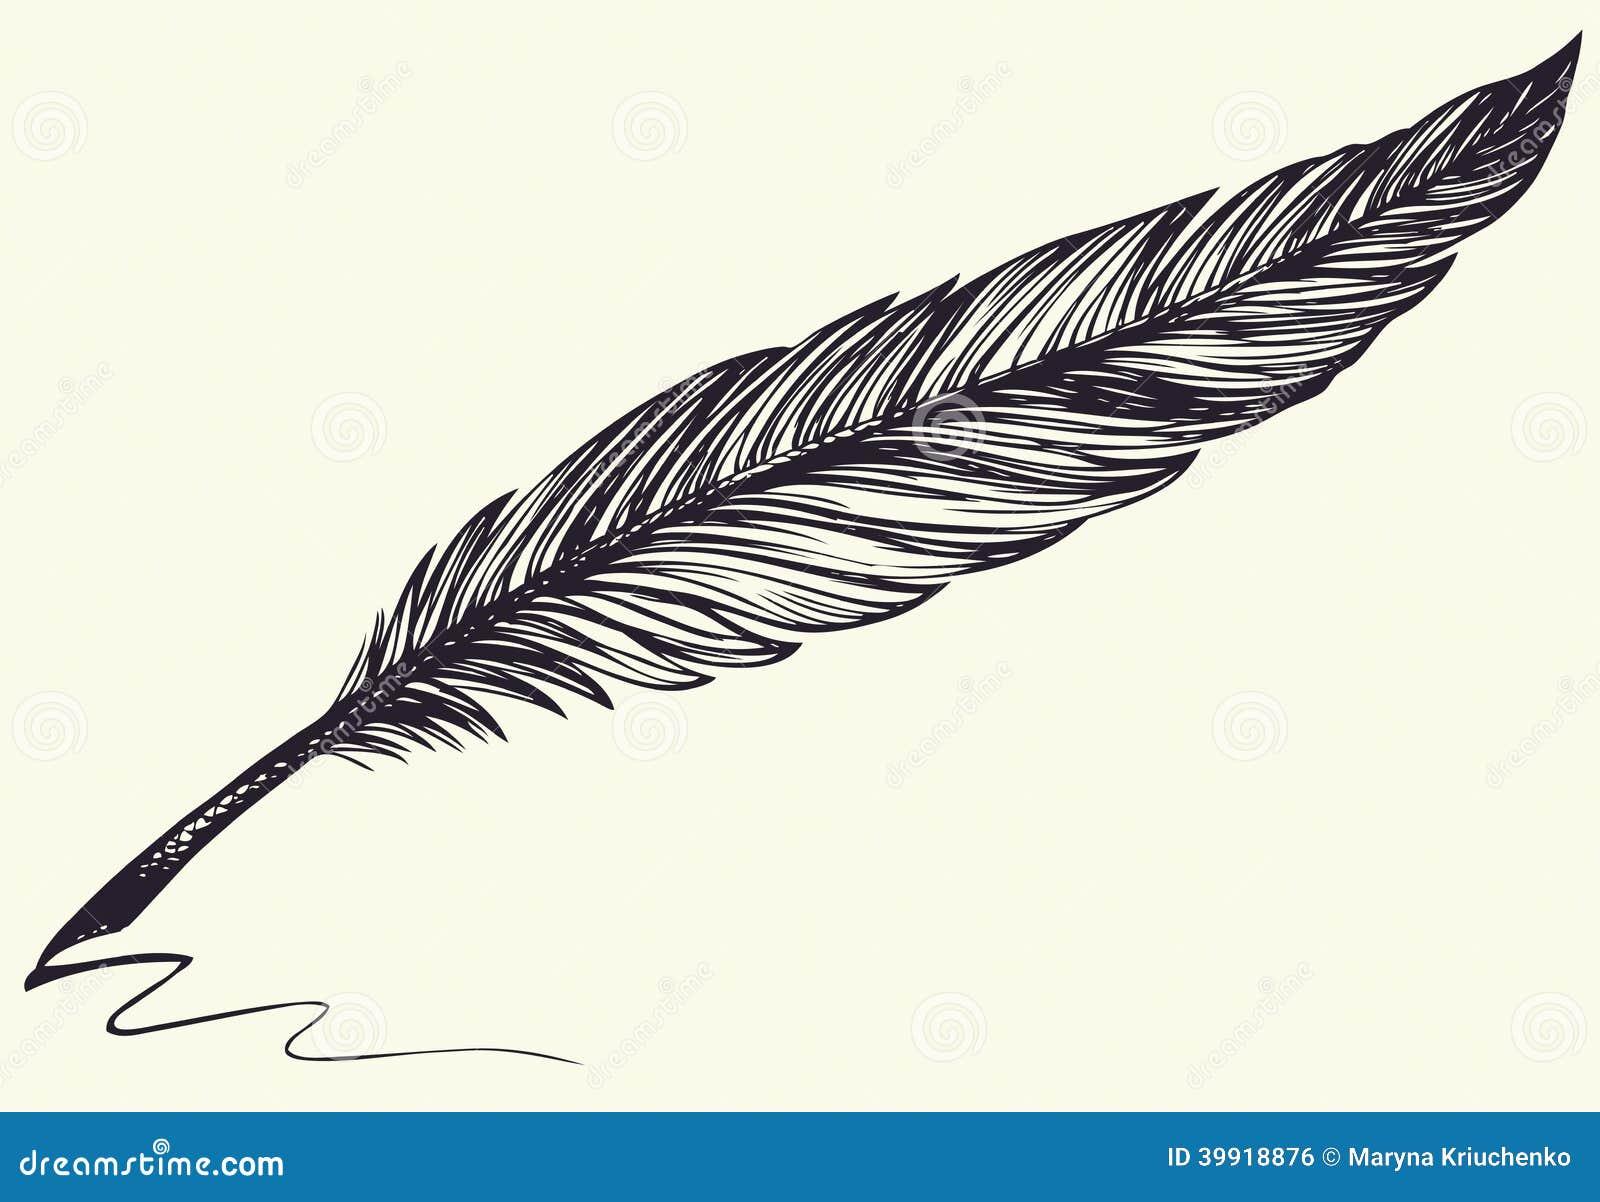 Dessin de dessin main lev e de vecteur de plume d 39 oiseau for Dessin graphique noir et blanc